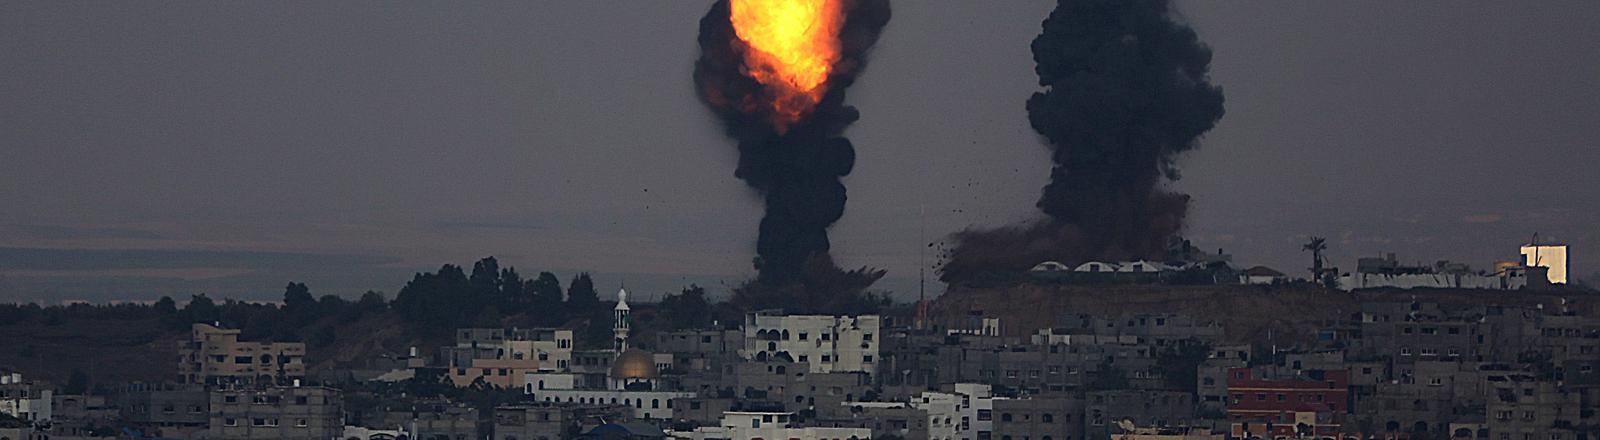 Gaza nach israelischen Angriffen